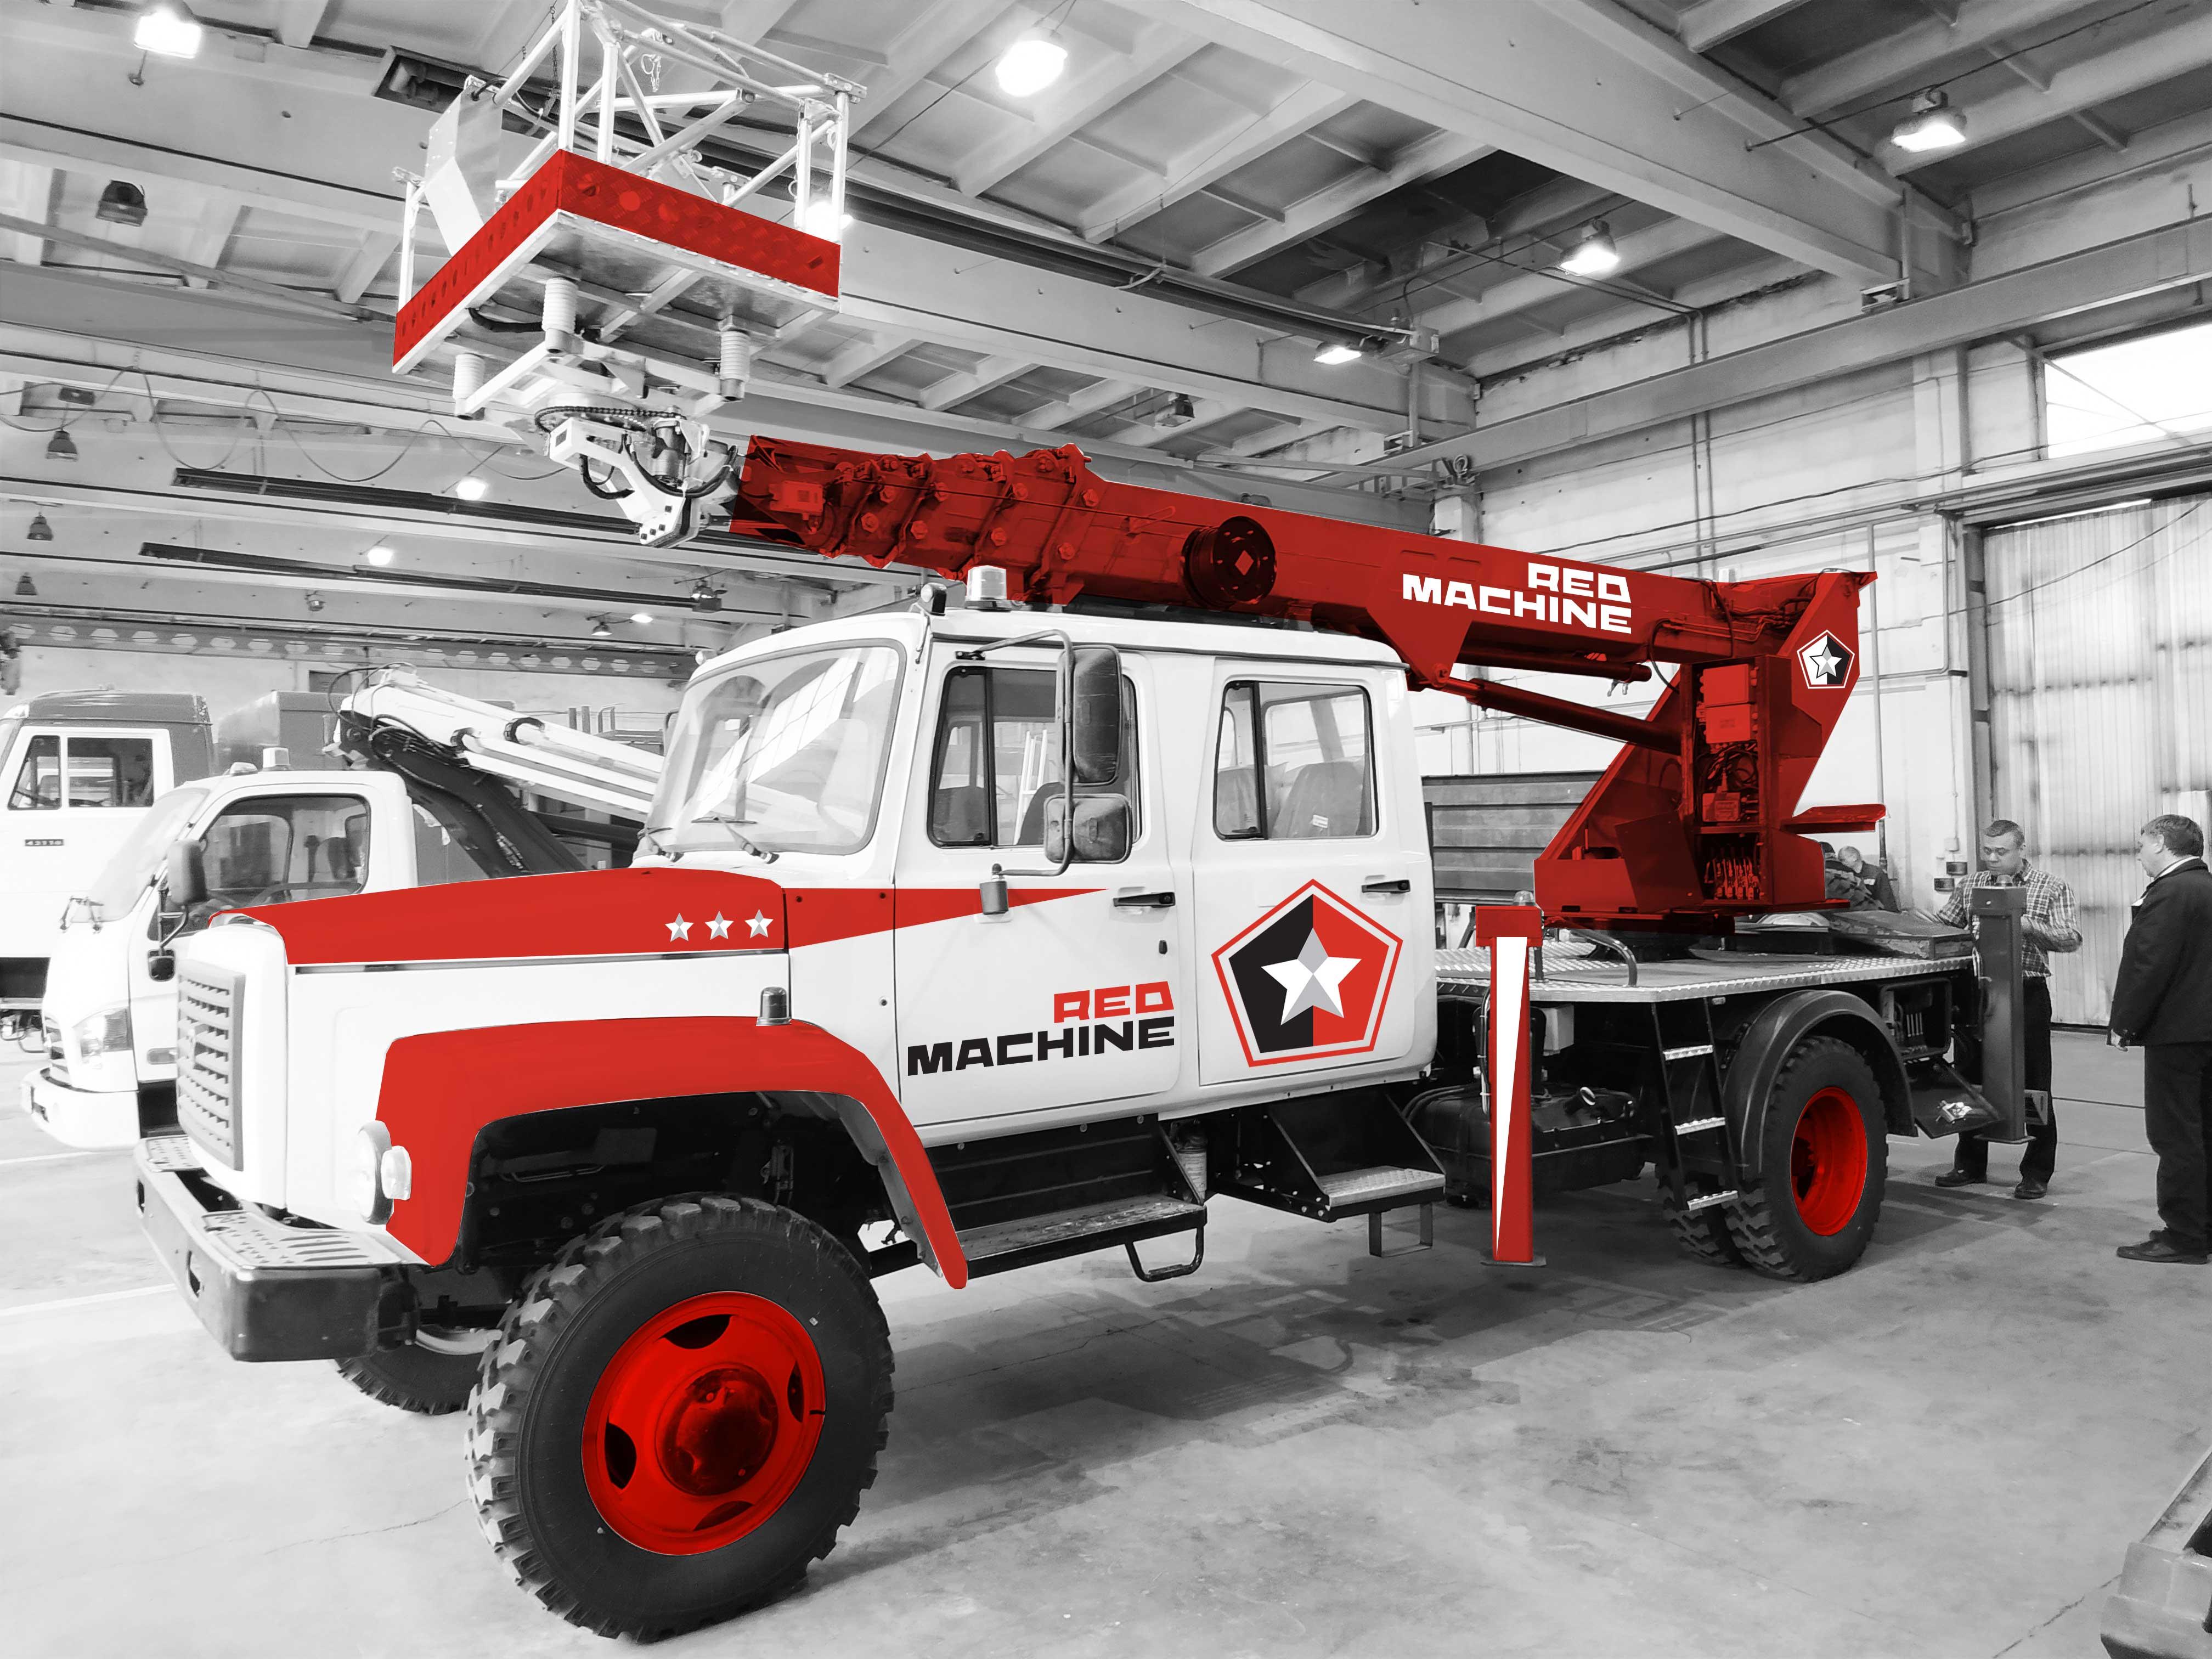 Оформление автогидроподъёмника,  бренд - RED MACHINE фото f_7865e14e0b6b99a6.jpg